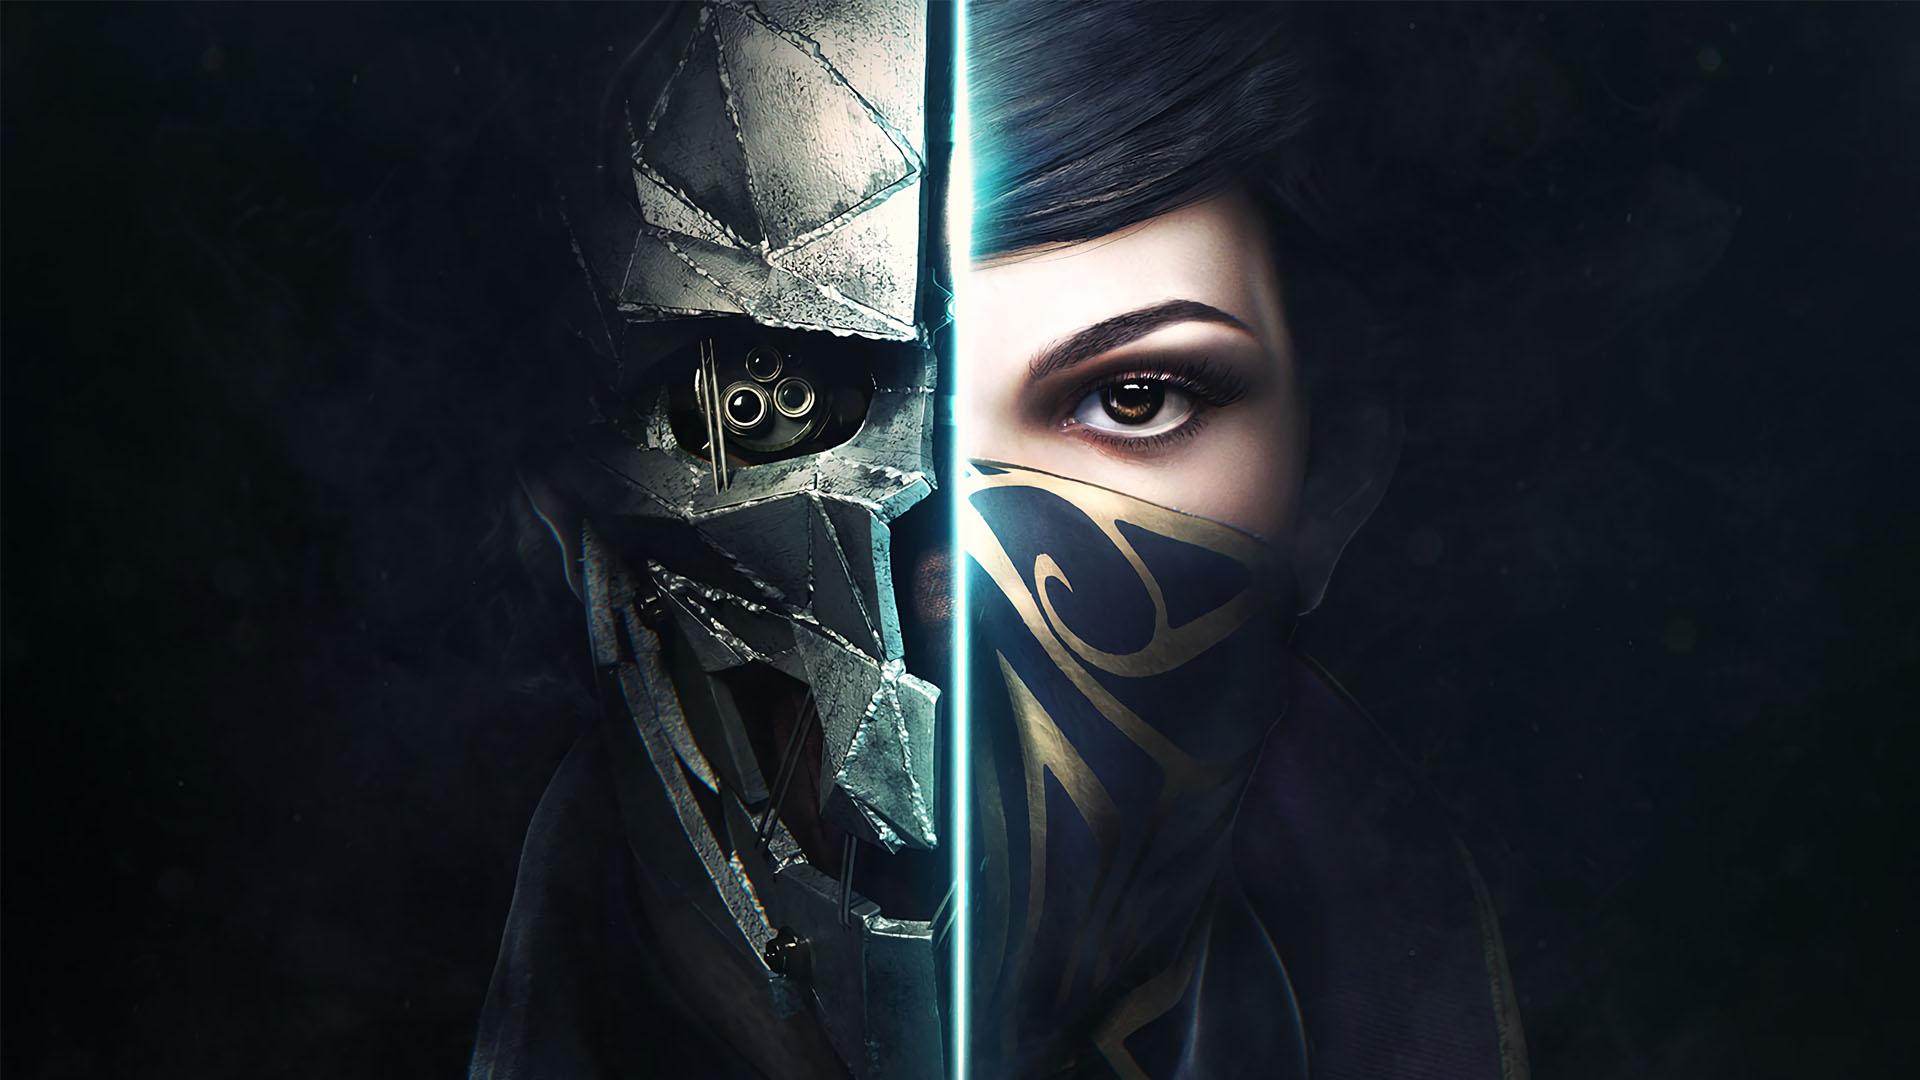 Oznámeno deskové rpg Dishonored